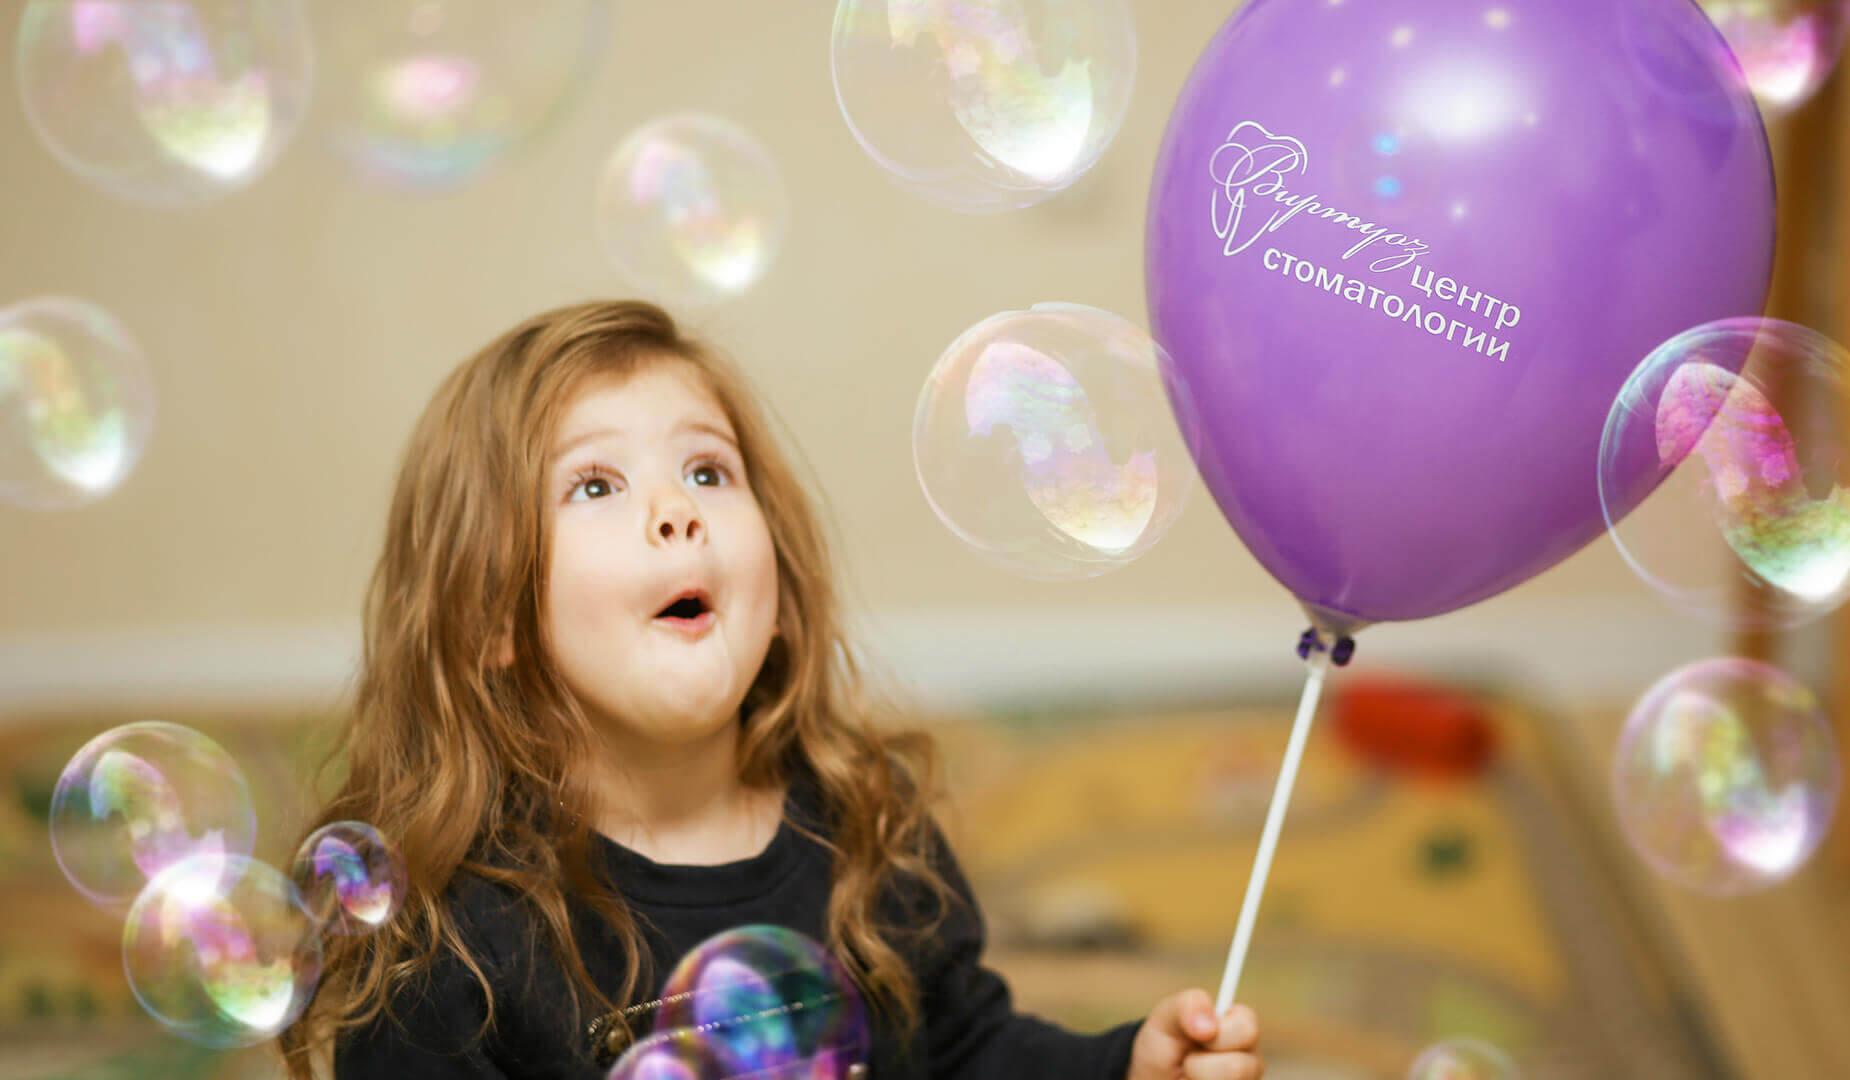 Девочка радуется мыльным пузырям и воздушному шару